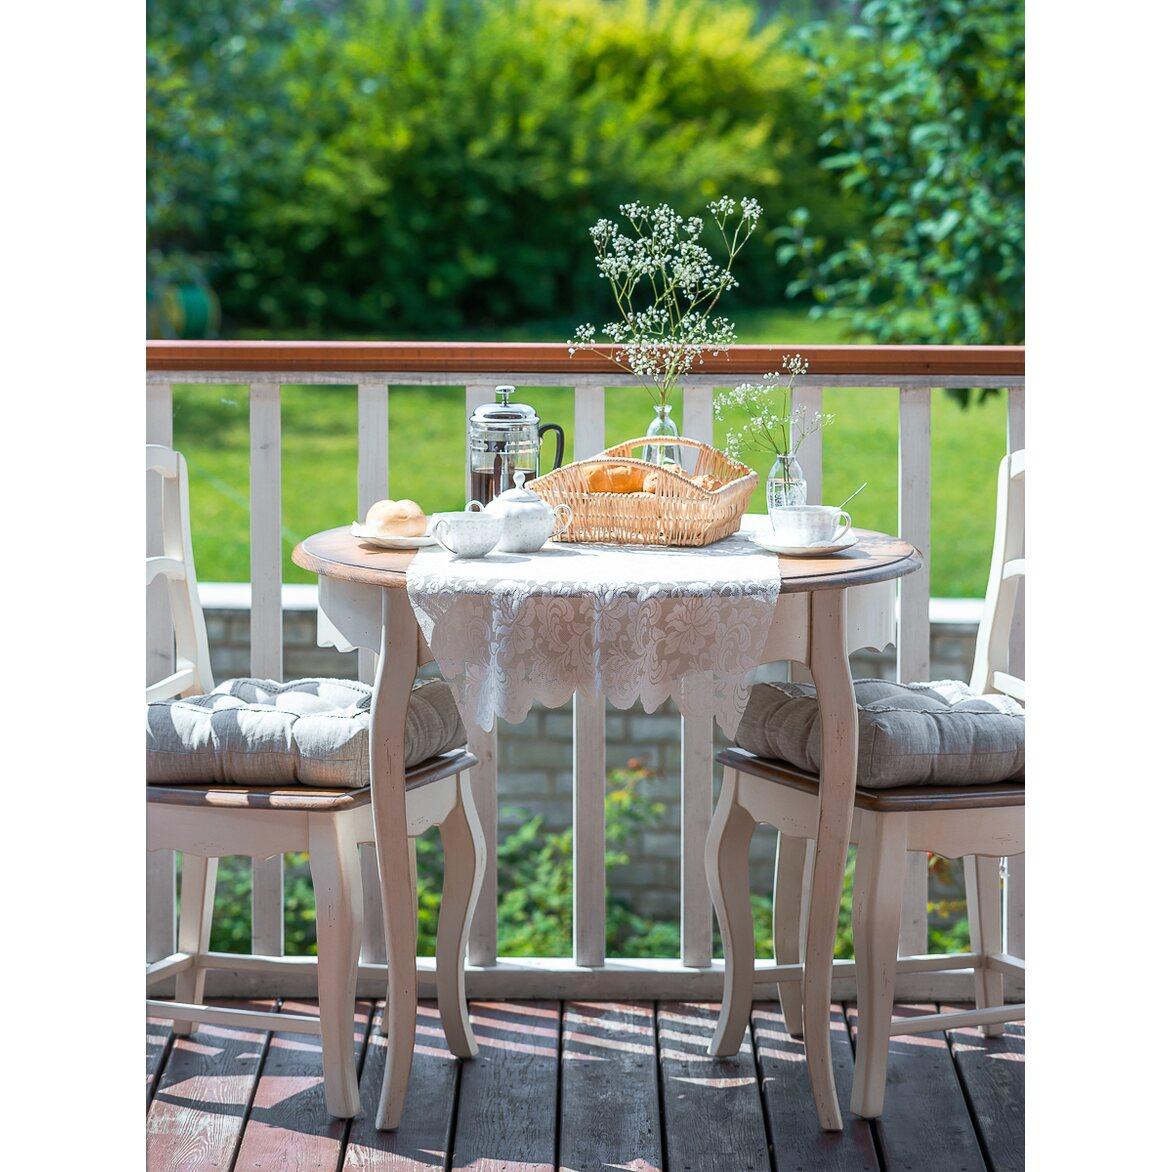 Круглый обеденный стол (большой) Leontina, бежевого цвета 2 | Обеденные столы Kingsby